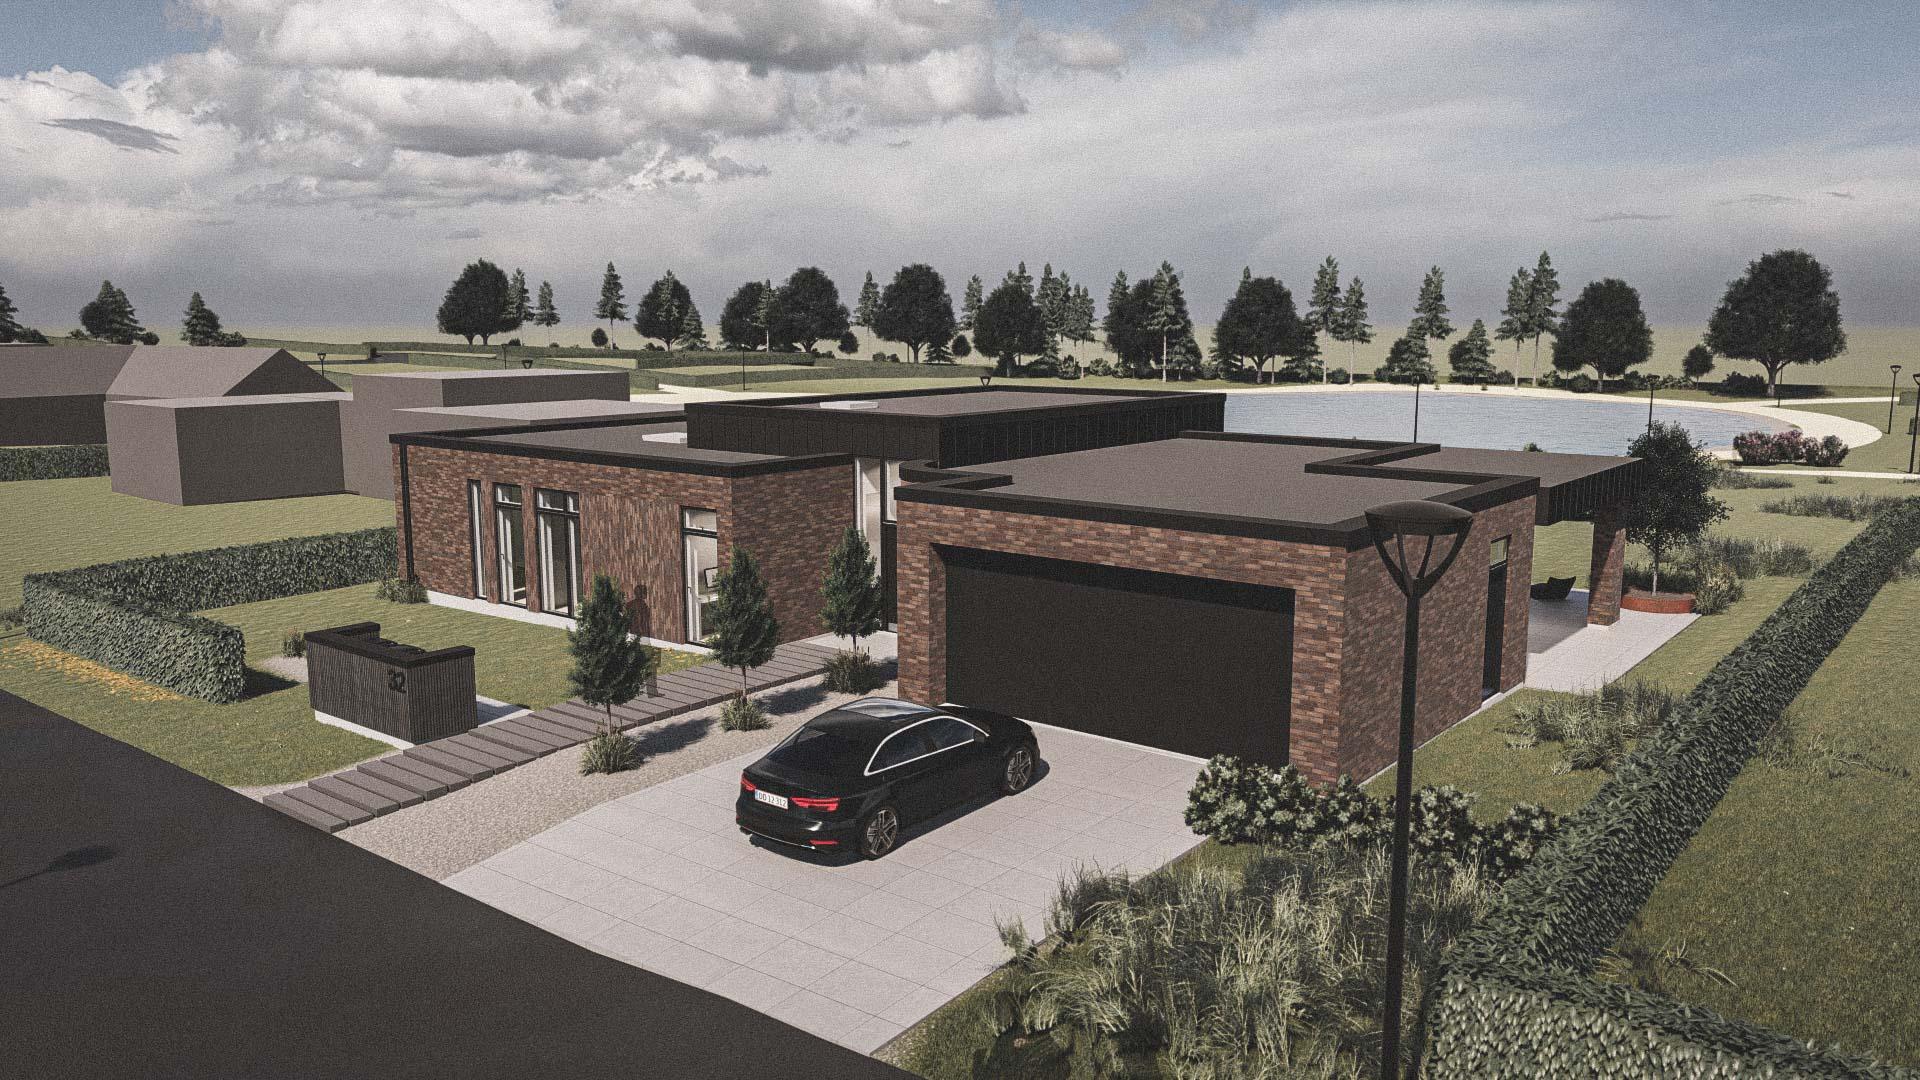 Billede af et arkitekt tegnet projektforslag af ny 1 plans drømme villa i Horsens, af det danske arkitektfirma m2plus